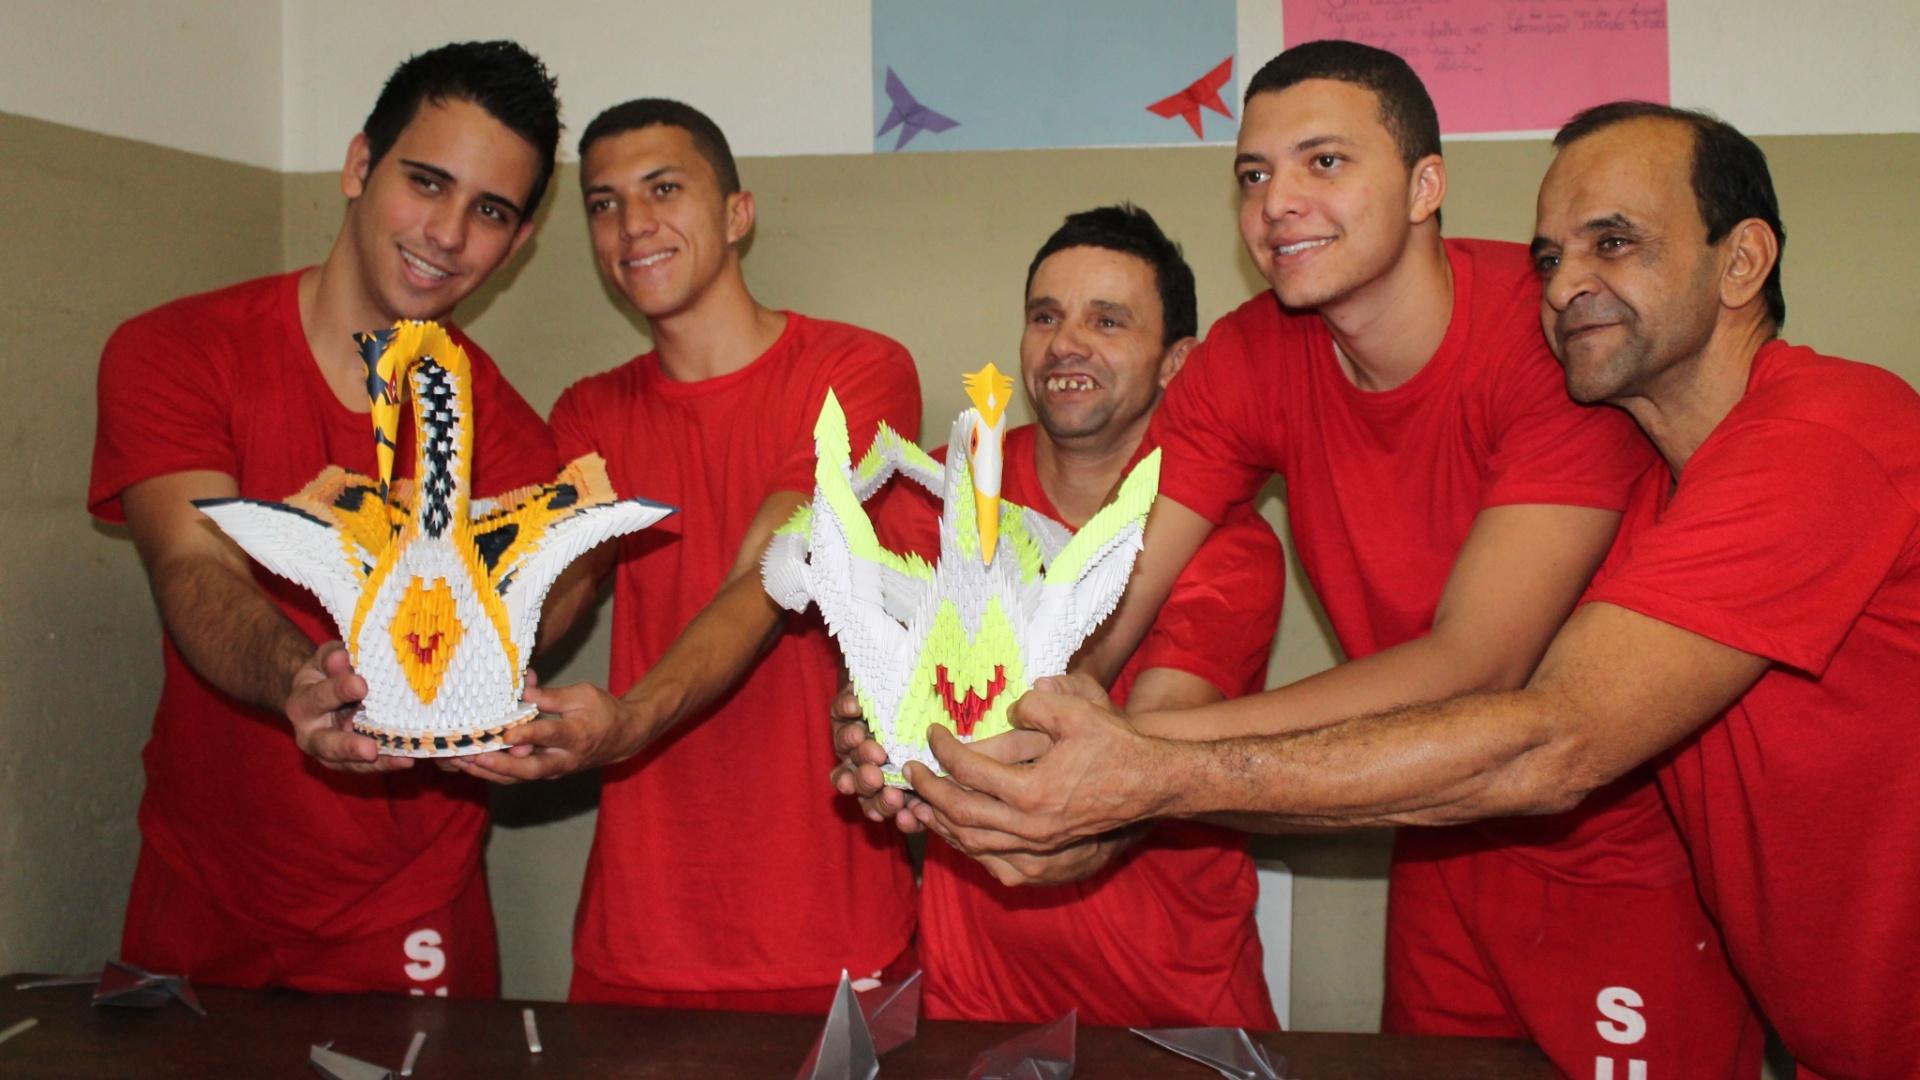 30.out.2014 - Seis presos do Ceresp (Centro de Remanejamento do Sistema Prisional) de Betim (Minas Gerais), na região metropolitana de Belo Horizonte, participam de uma oficina de origami na unidade prisional